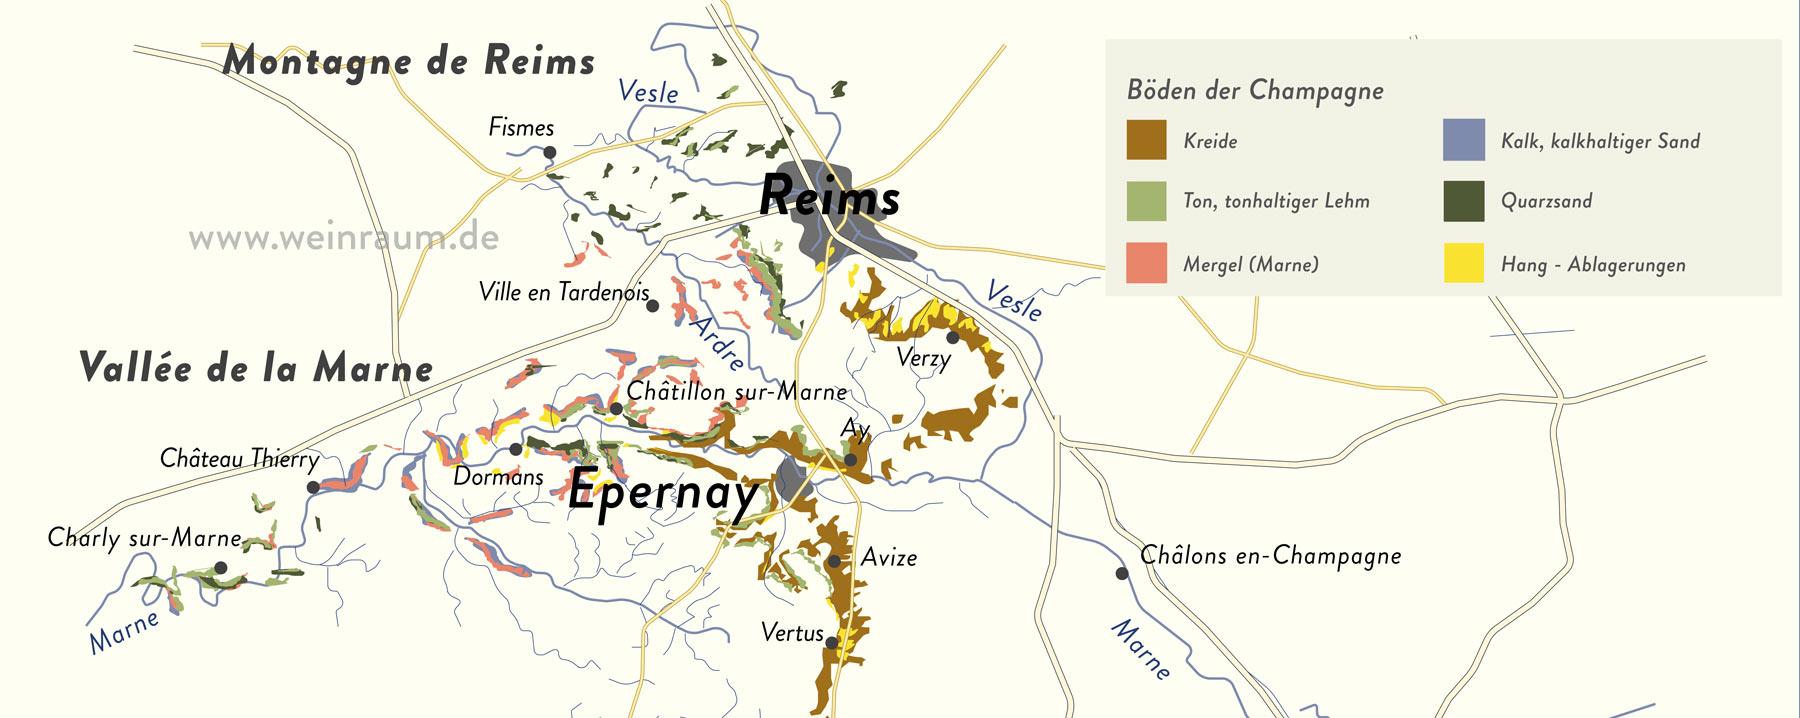 Die Böden der nördlichen Champagne